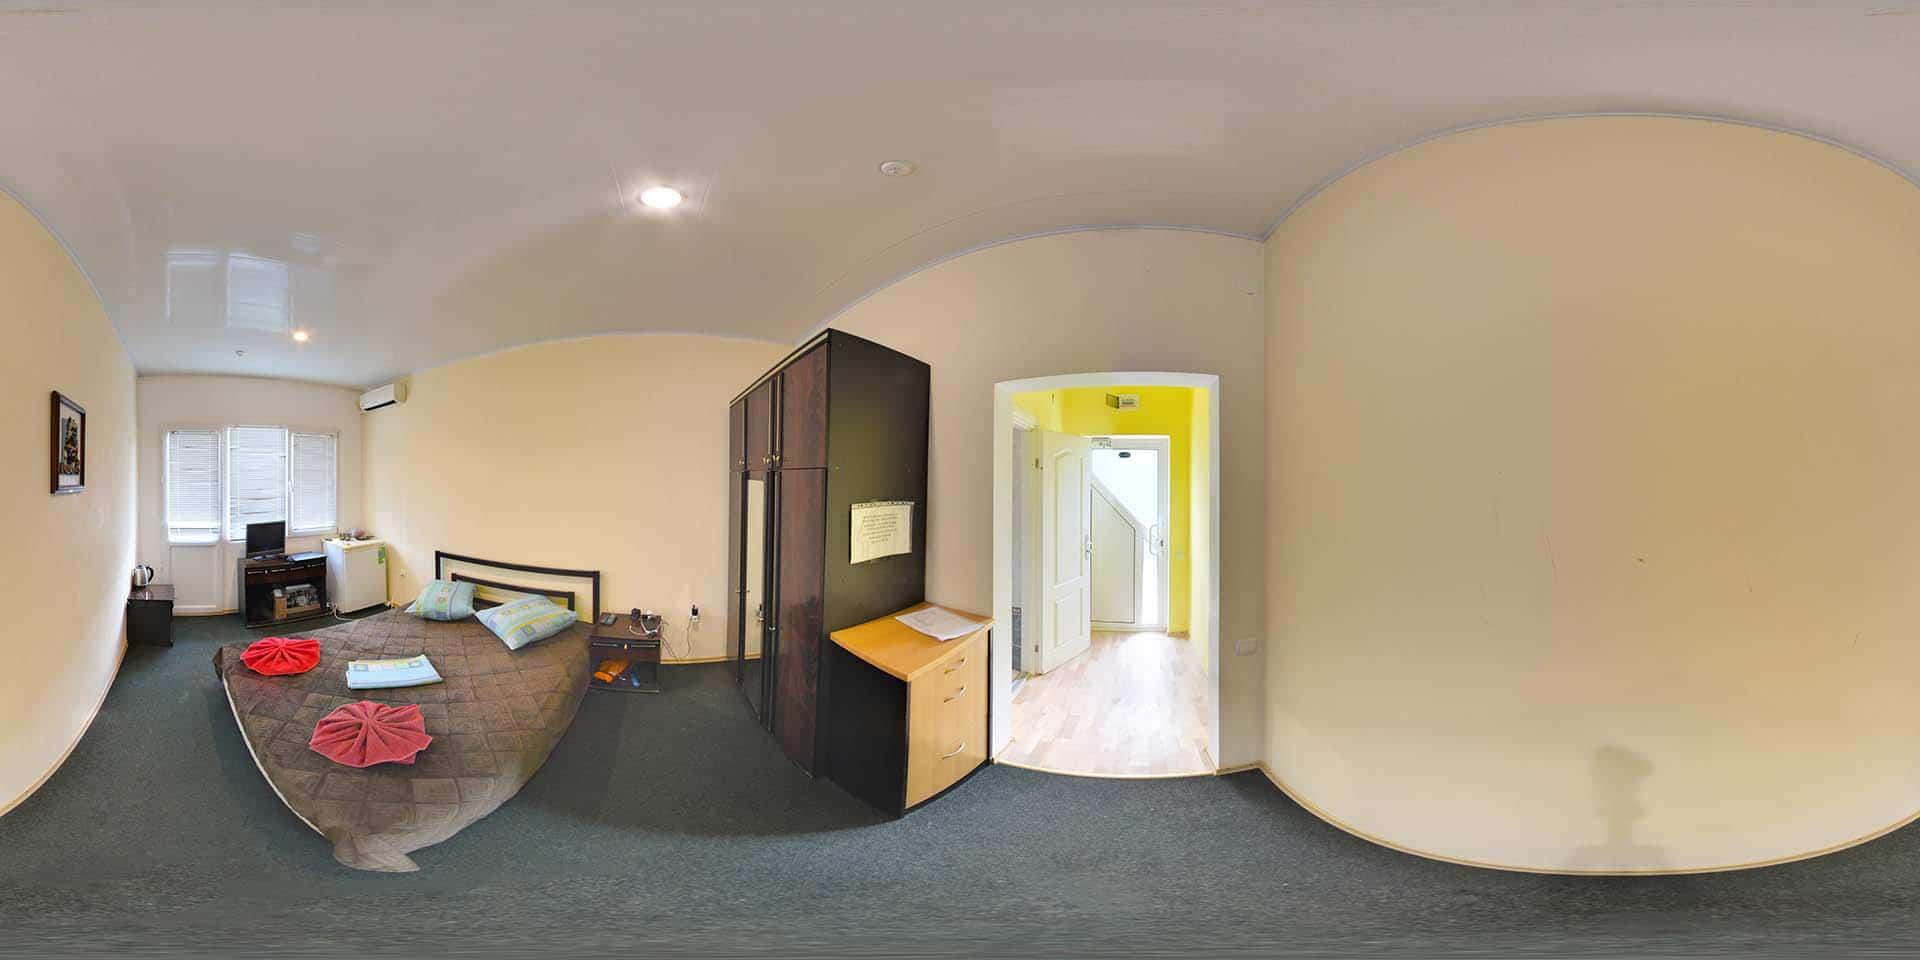 2 местный люкс с видом на двор.1 комната.Админ корпус